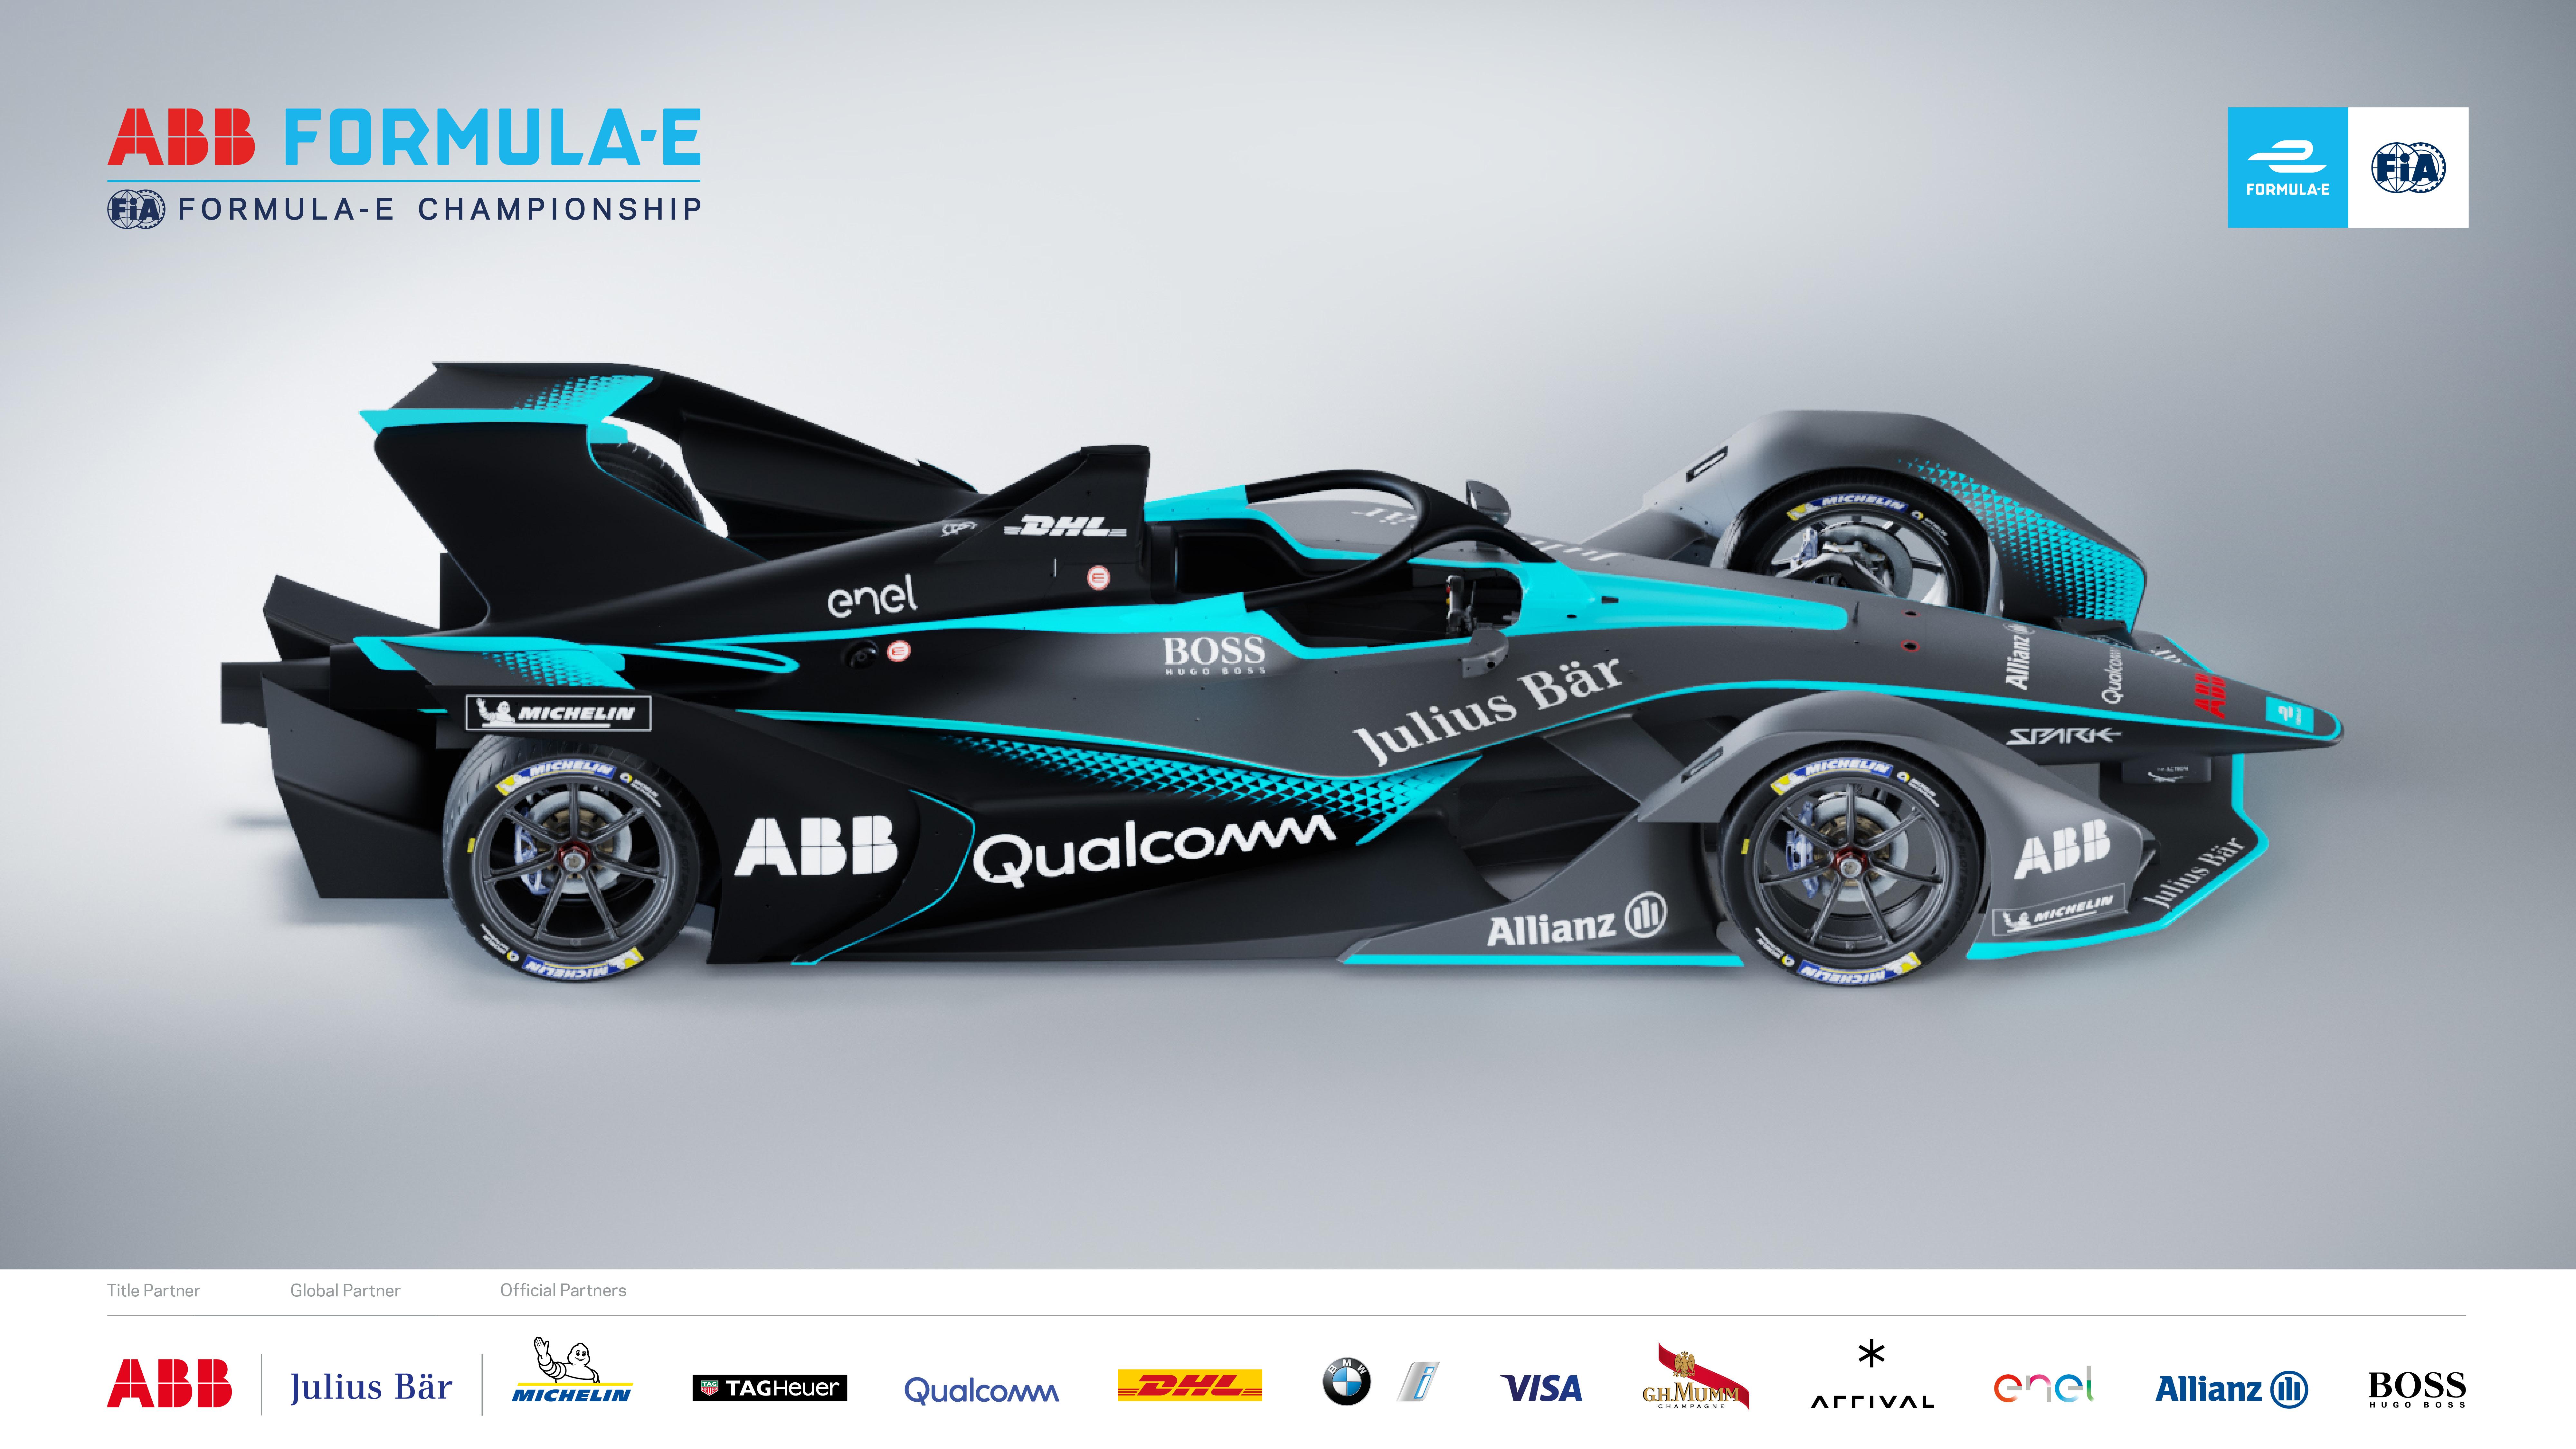 La FIA y la Formula E presentaron auto de alta tecnología para las siguientes temporadas